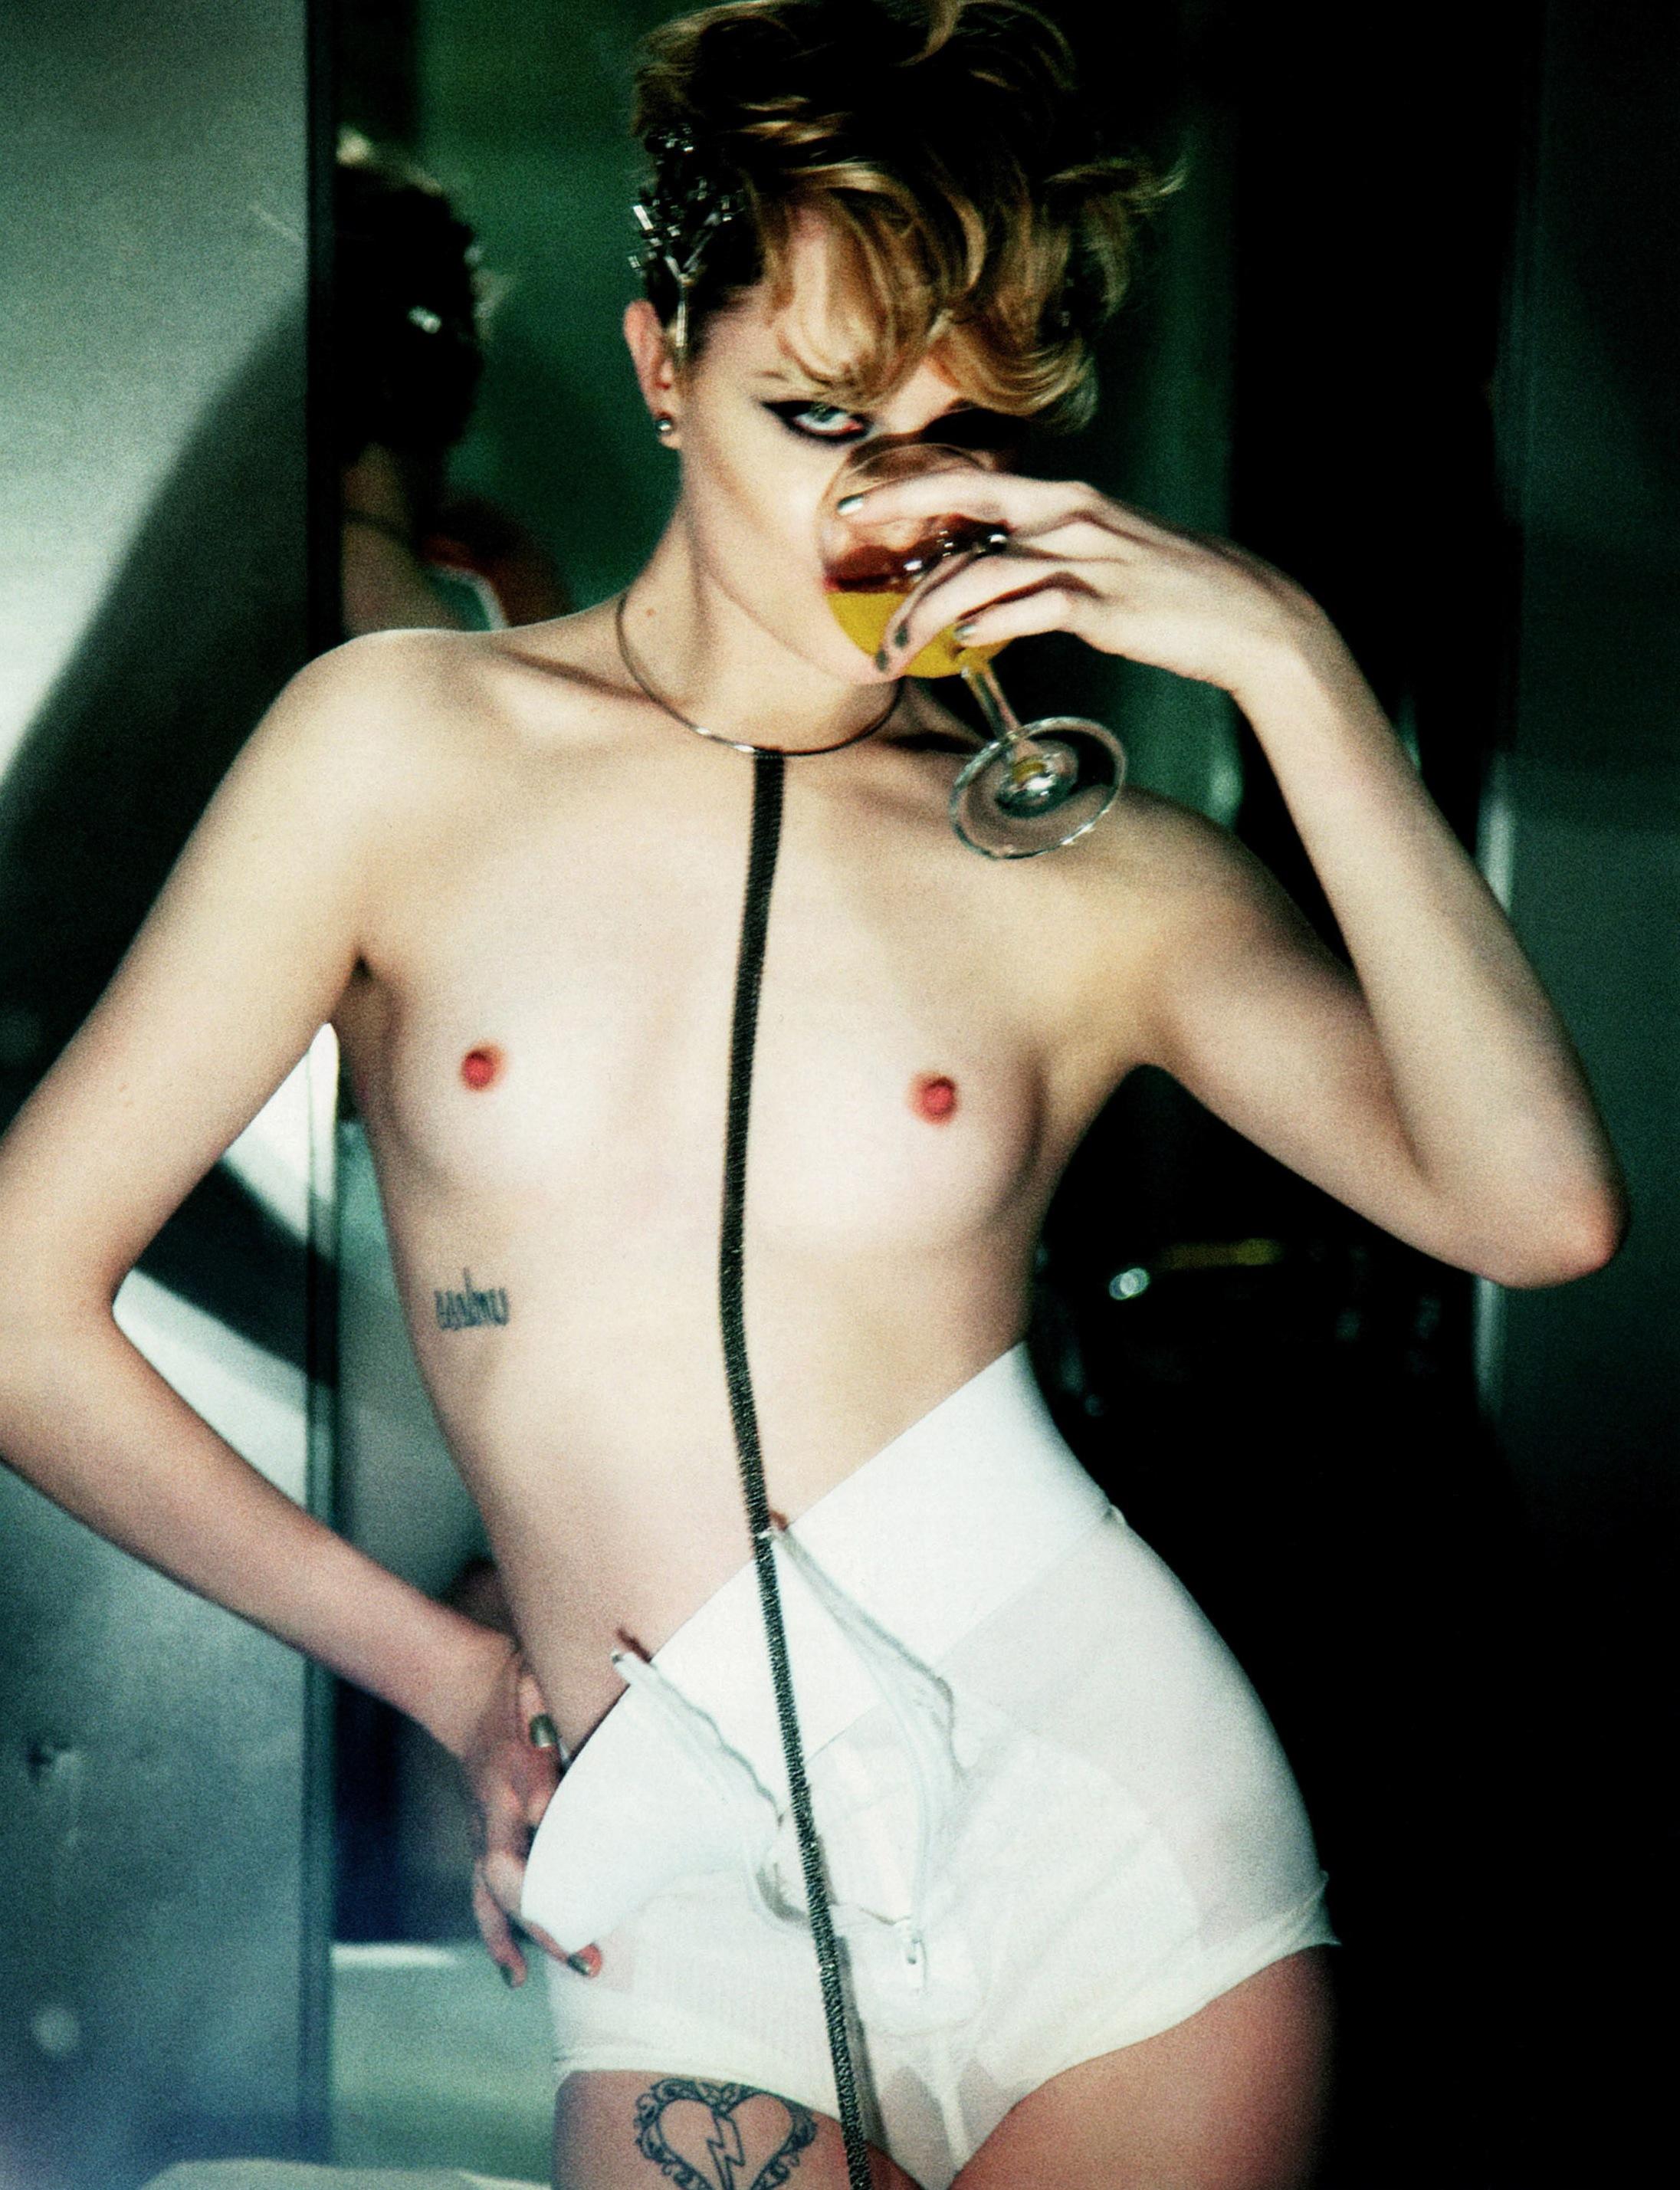 Evan_Rachel_Wood-Ellen_Von_Unwerth-Flaunt-01.jpeg